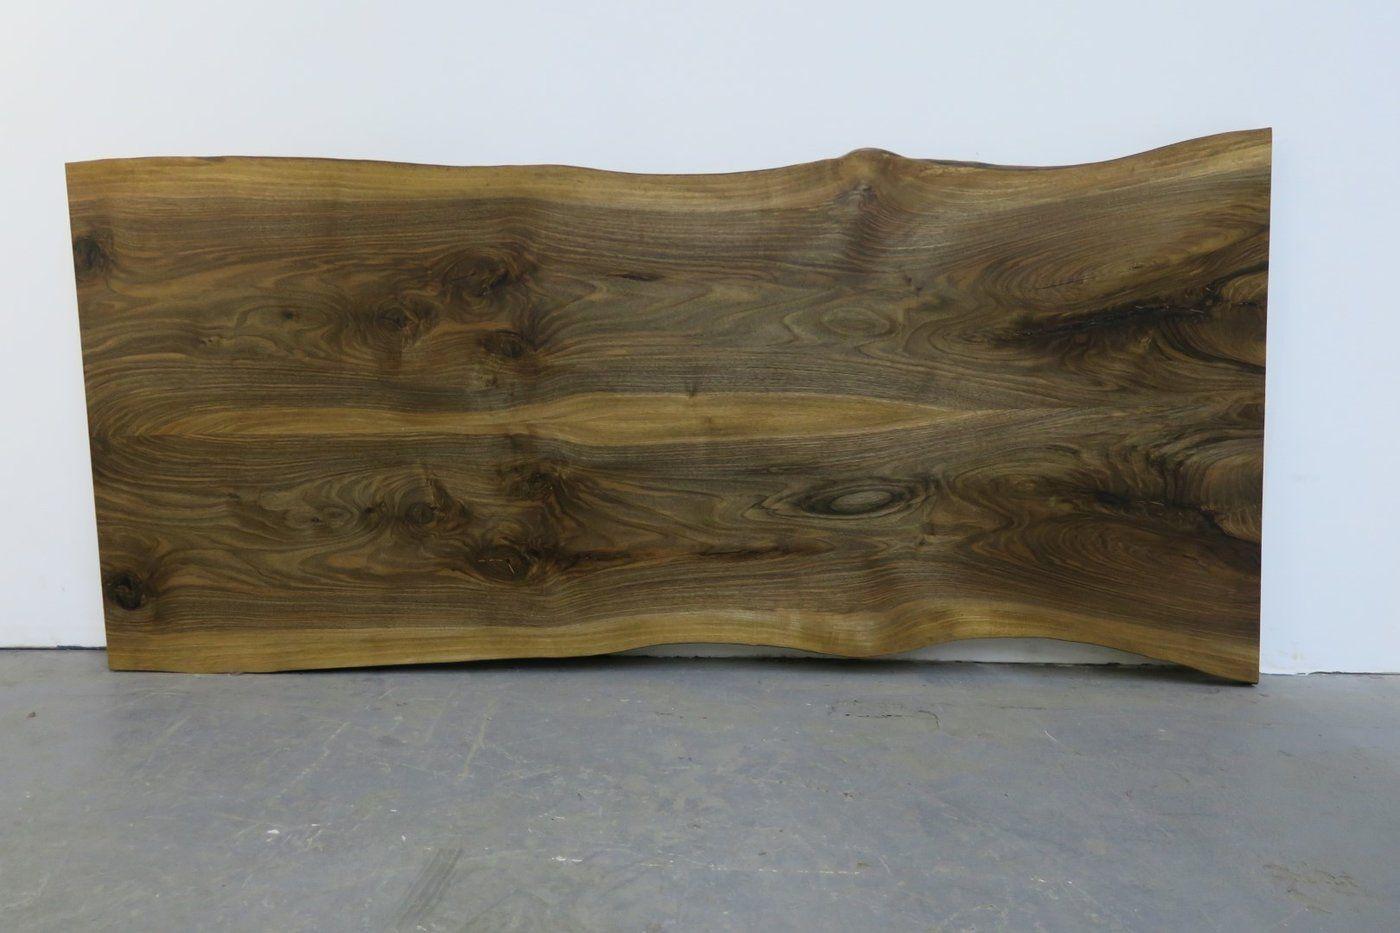 Epoxidharz Kirschholz Tischplatte Fragen zum Finishen (Öl